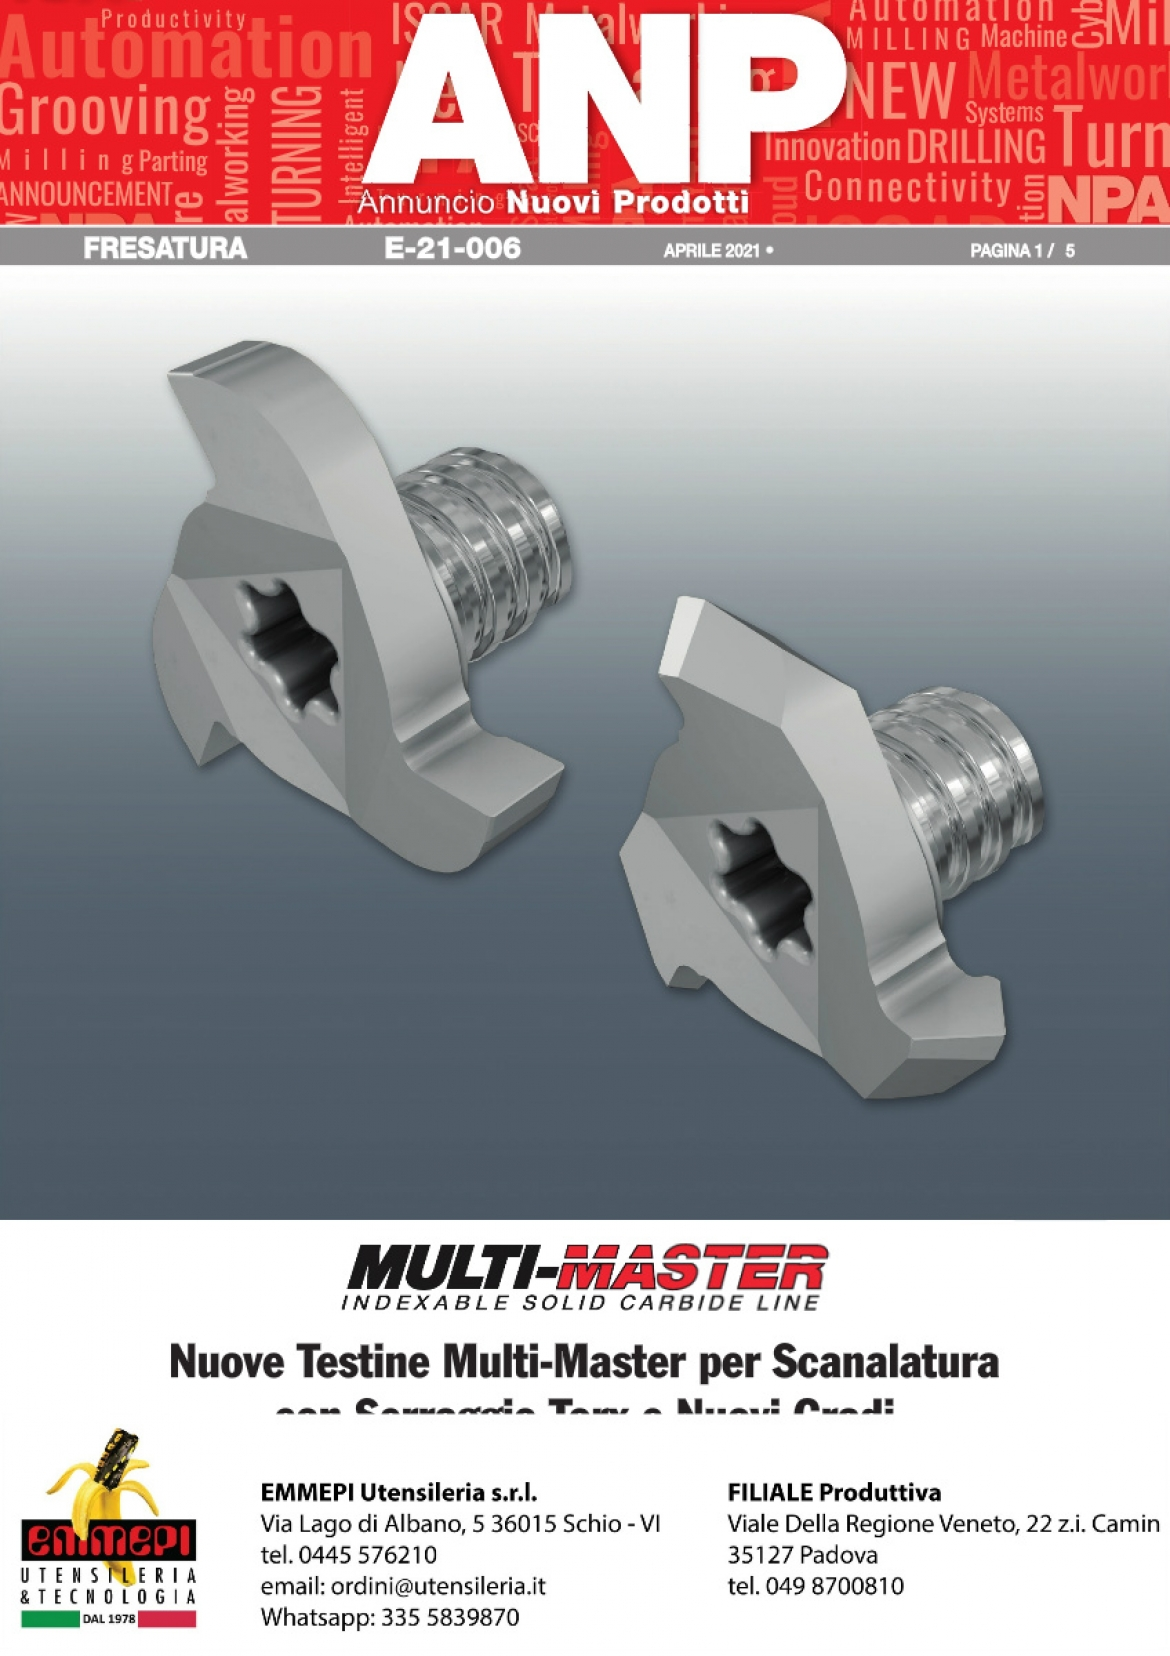 Nuovi prodotti Iscar FRESATURA. Testine Multi-Master per Scanalatura